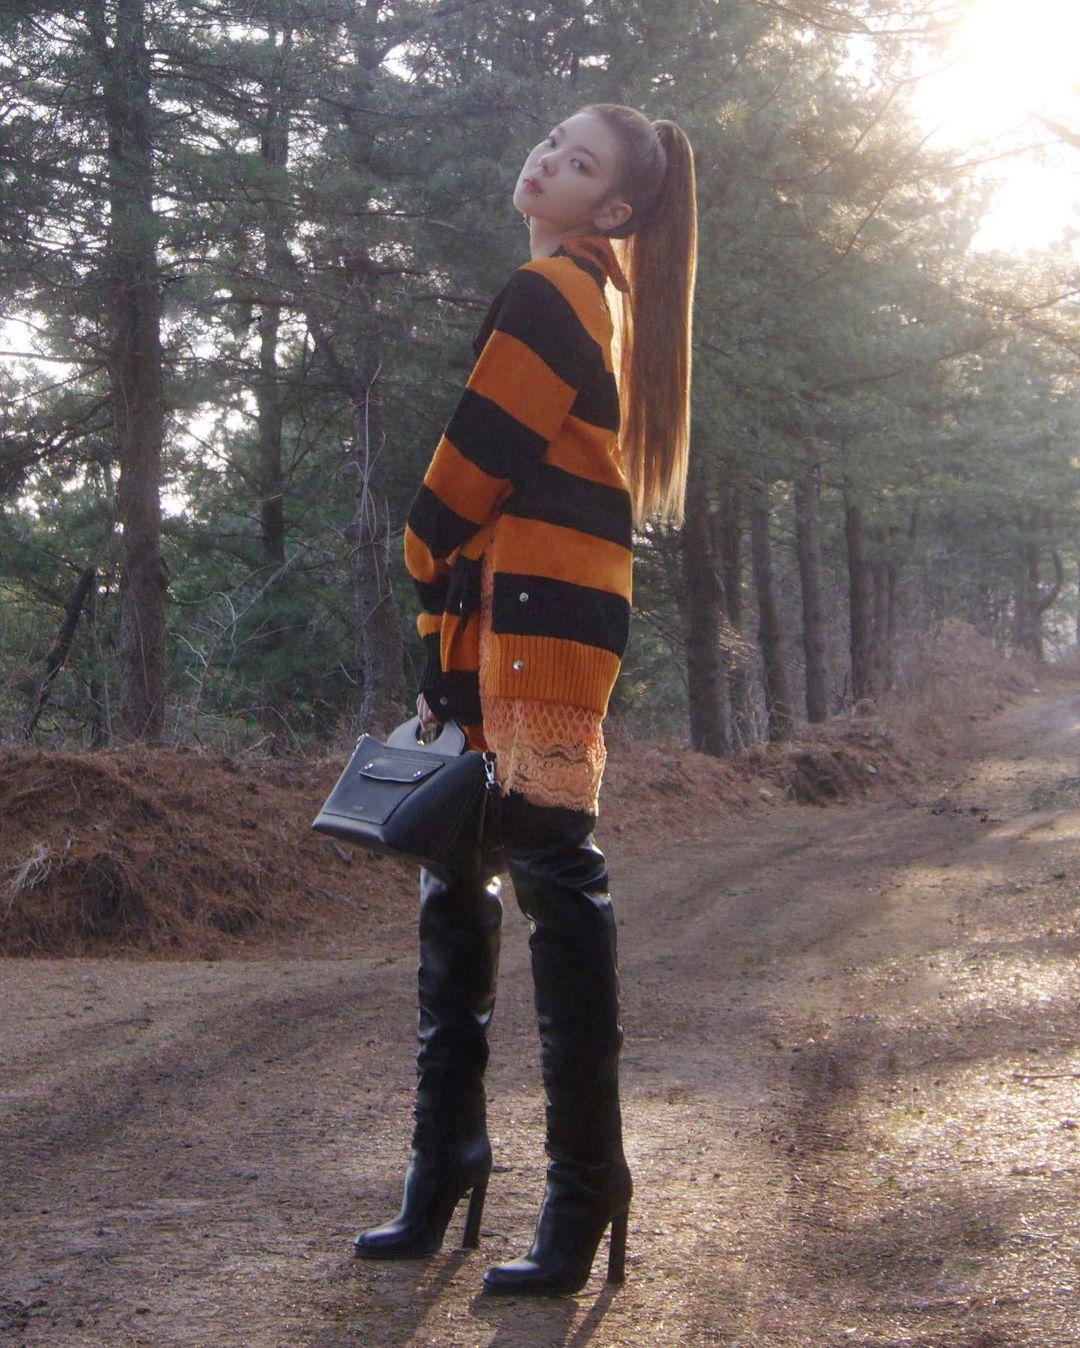 Cách đây không lâu, ITZY cũng thực hiện một bộ ảnh quảng bá cho bộ sưu tập Burberry Xuân Hè 2021. Vốn là một thương hiệu thời trang lâu năm theo phong cách cổ điển, Burberry như được thổi một làn gió mới trẻ trung, cá tính hơn khi bắt tay cùng các idol nhà JYP.